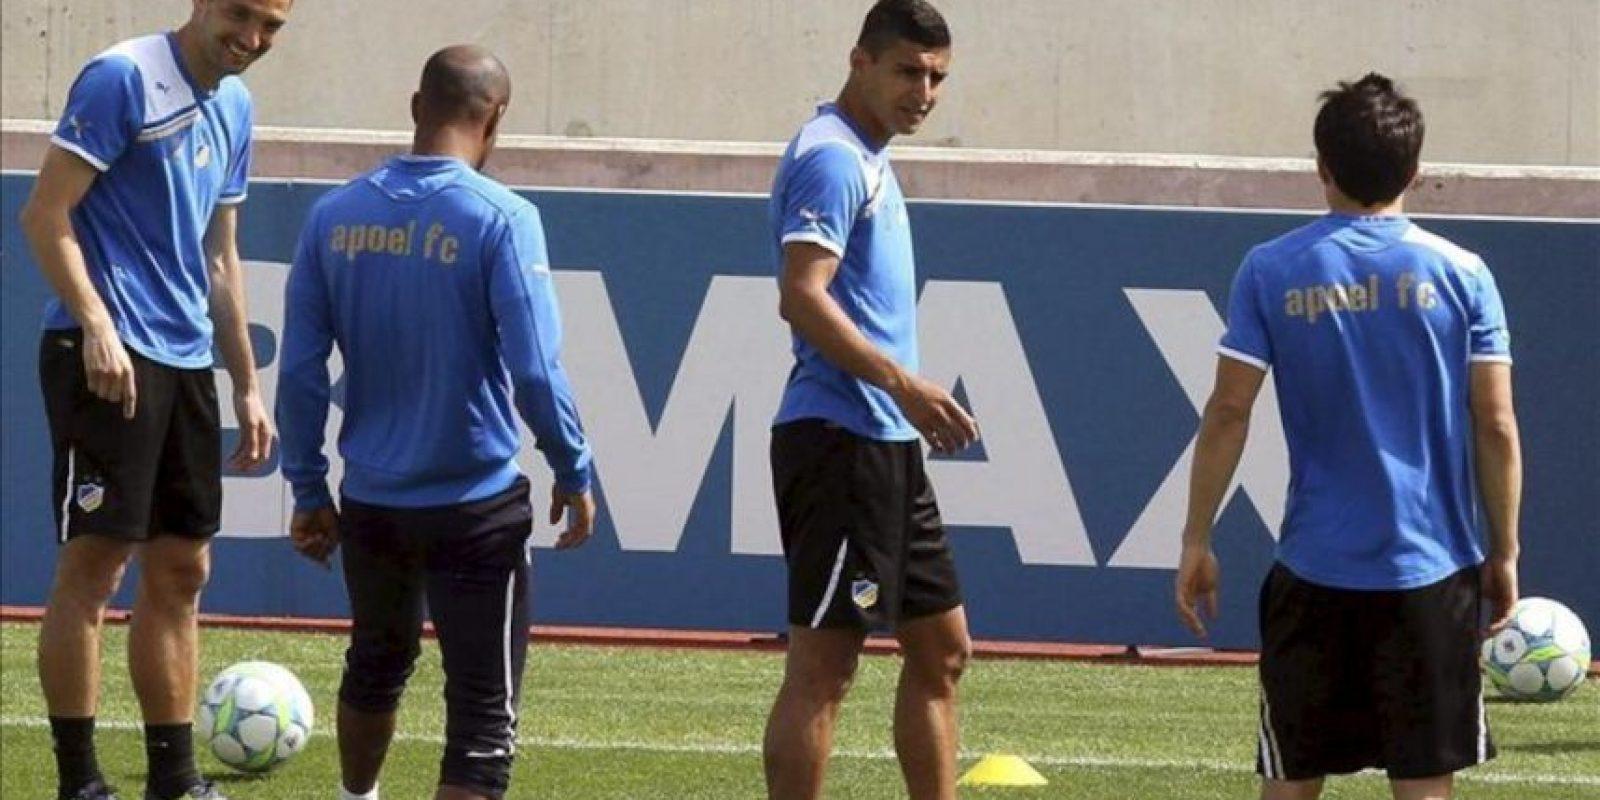 Jugadores del APOEL Nicosia entrenan hoy en Nicosia (Chipre). El Real Madrid jugará mañana contra el Nicosia en el partido de ida de los cuartos de final de la Liga de Campeones. EFE